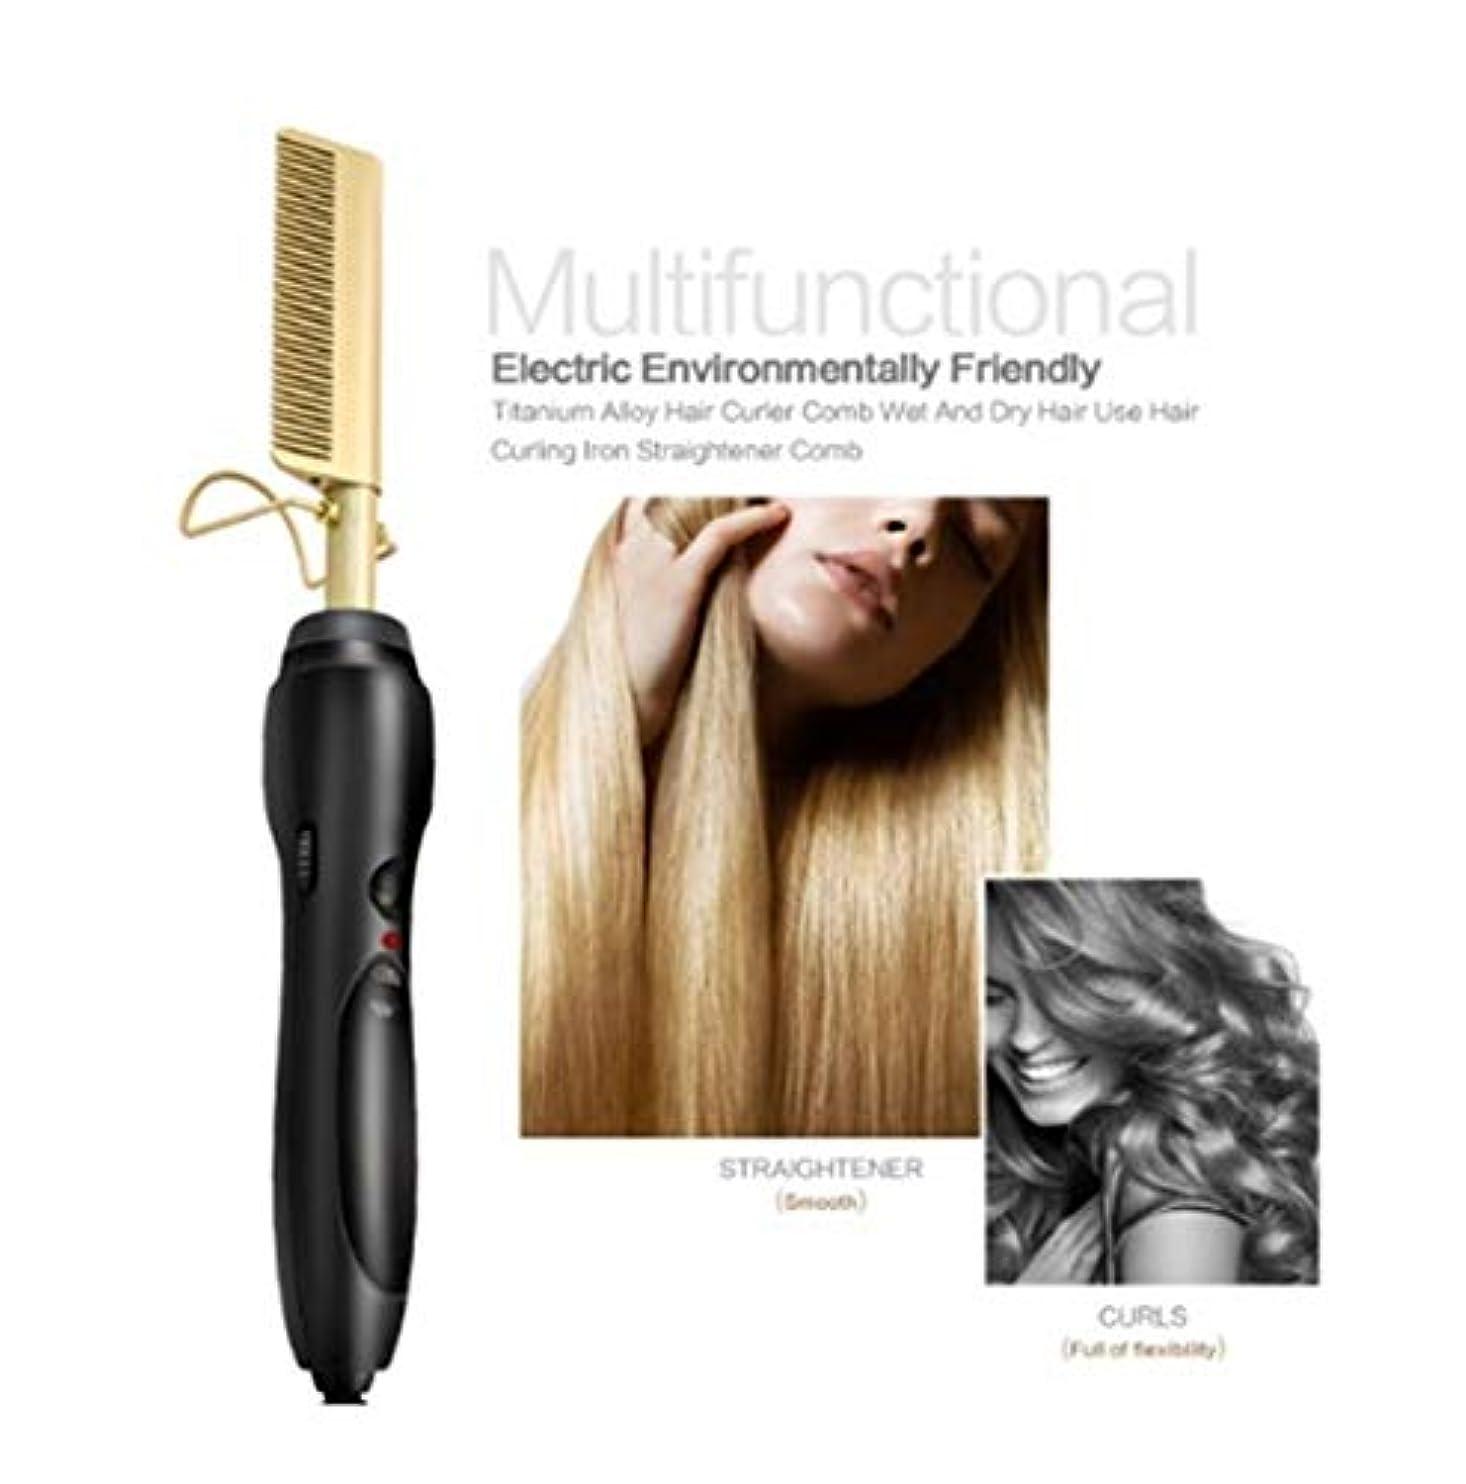 証拠雨のごめんなさいCQQ 便利な多機能Straigtheningアイアンホットくしウェットとドライの髪カーリングアイロンストレイテナーコームズエレクトリック合金の髪のツール